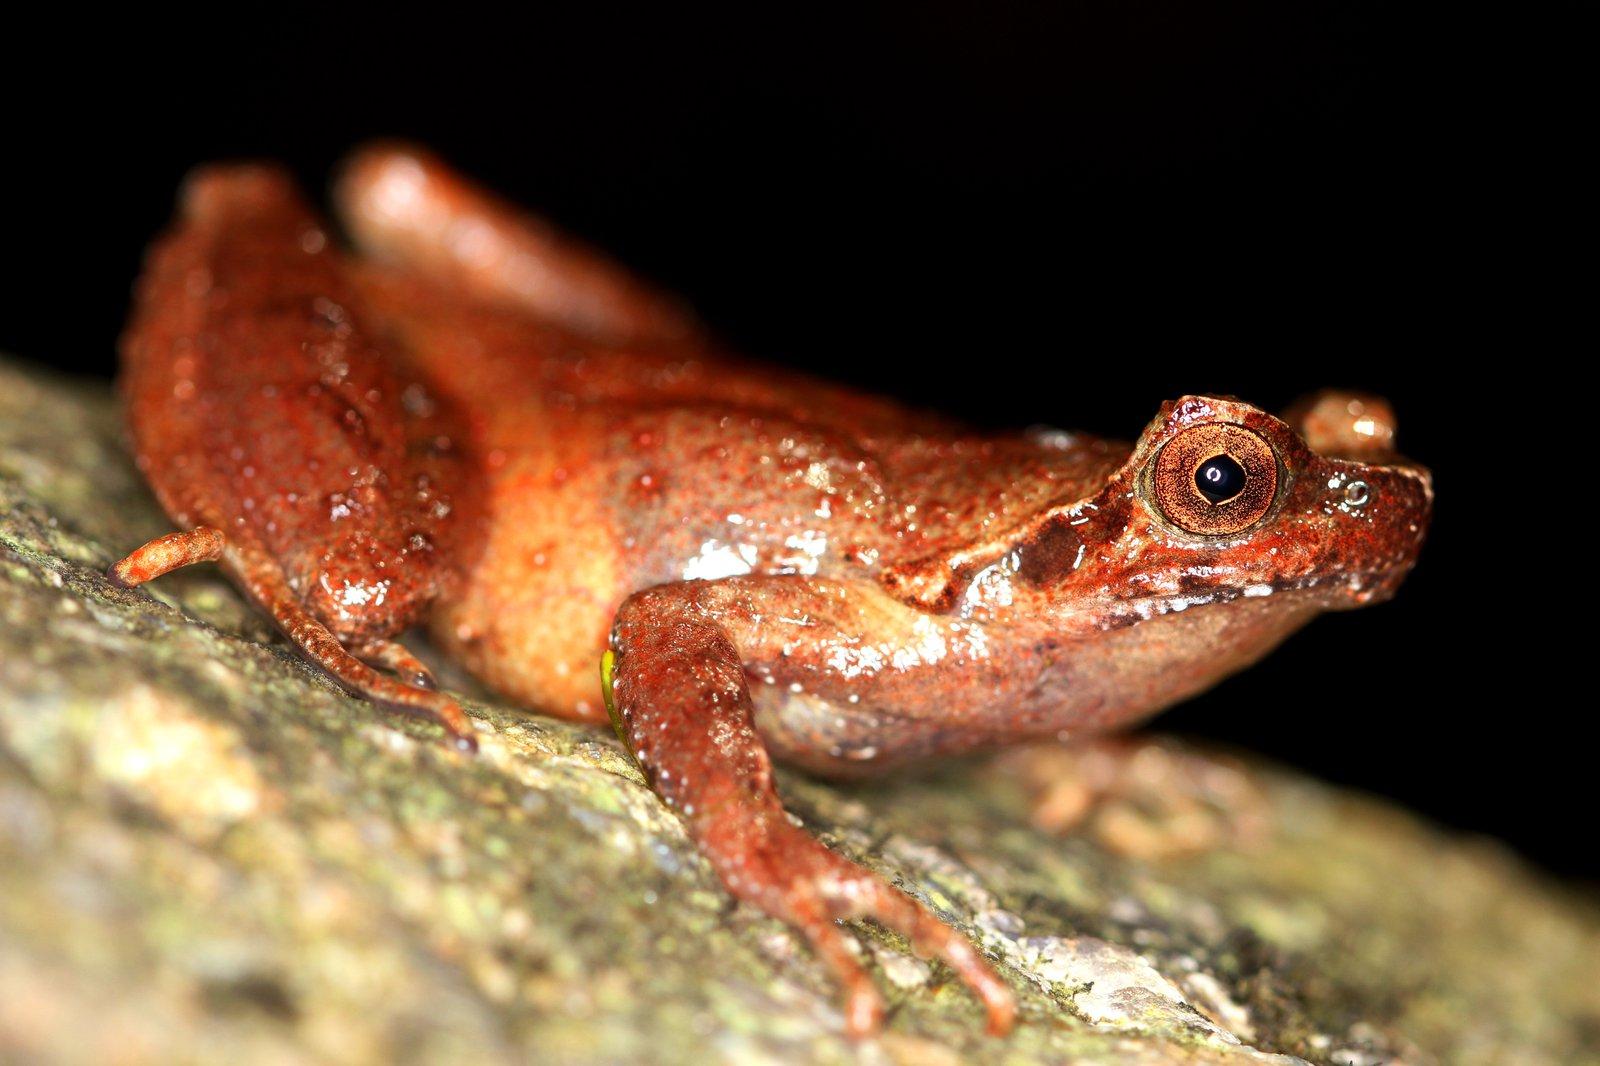 Giant horned frog